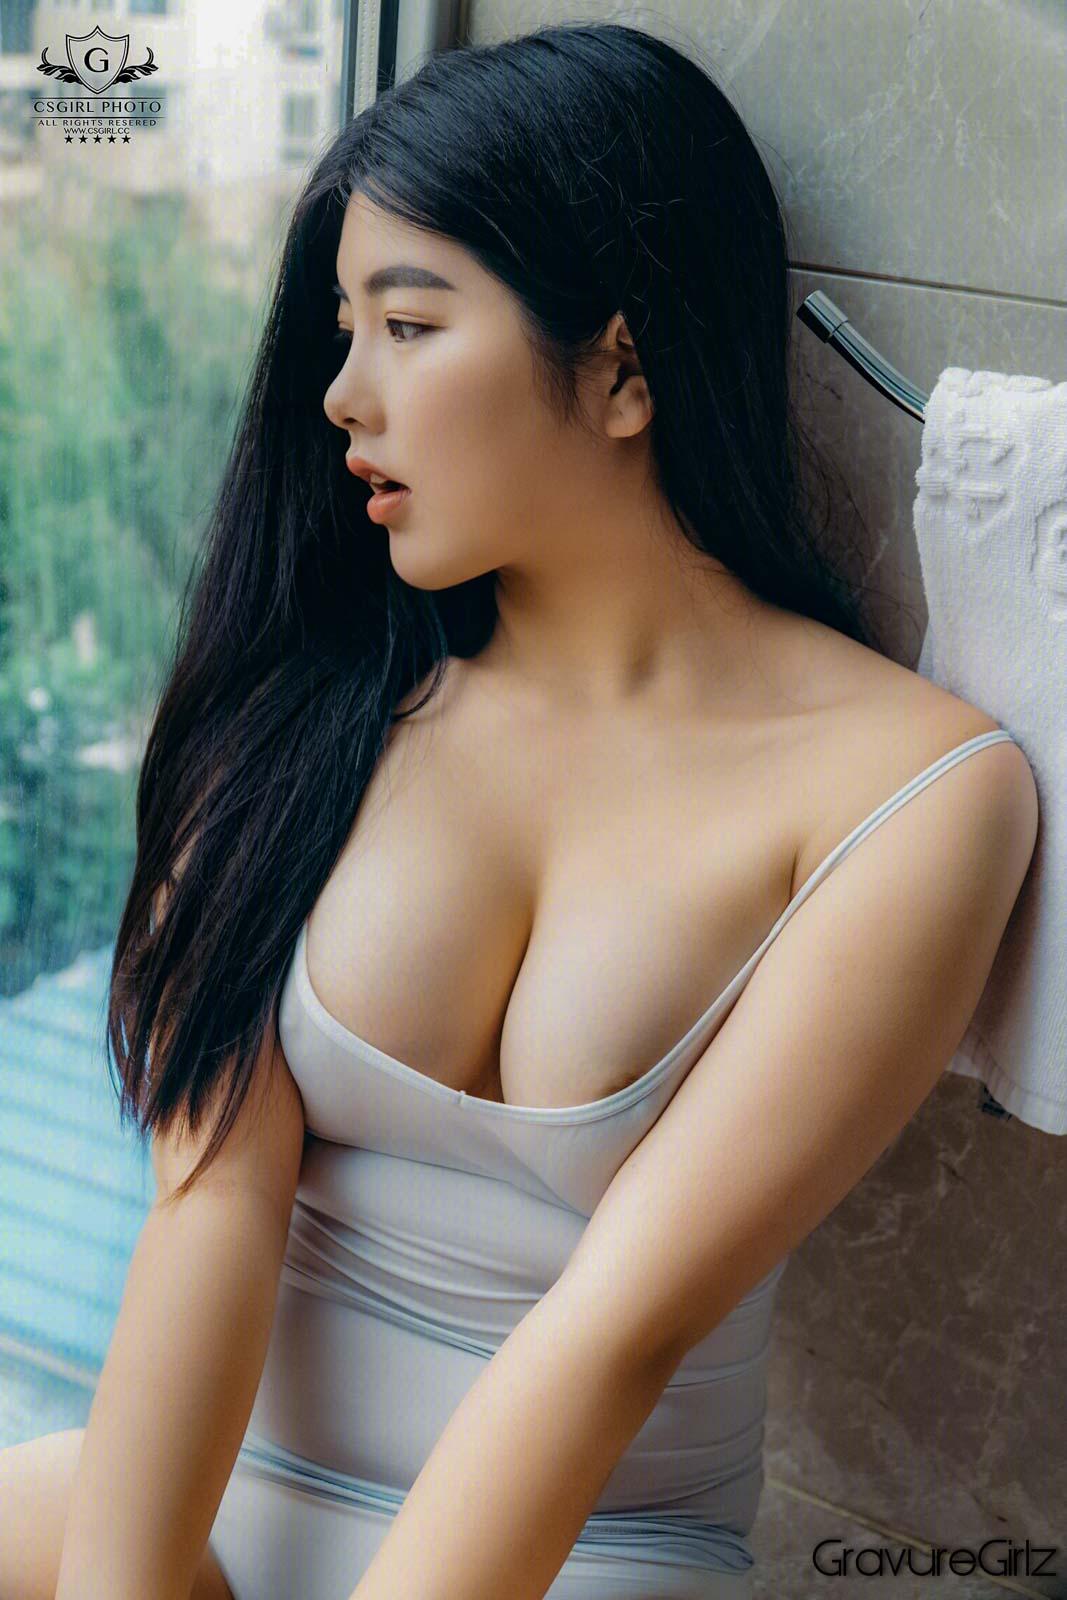 黄可Christine Various Bikini Indoor on Xiuren秀人 | Gravure Girls Idols